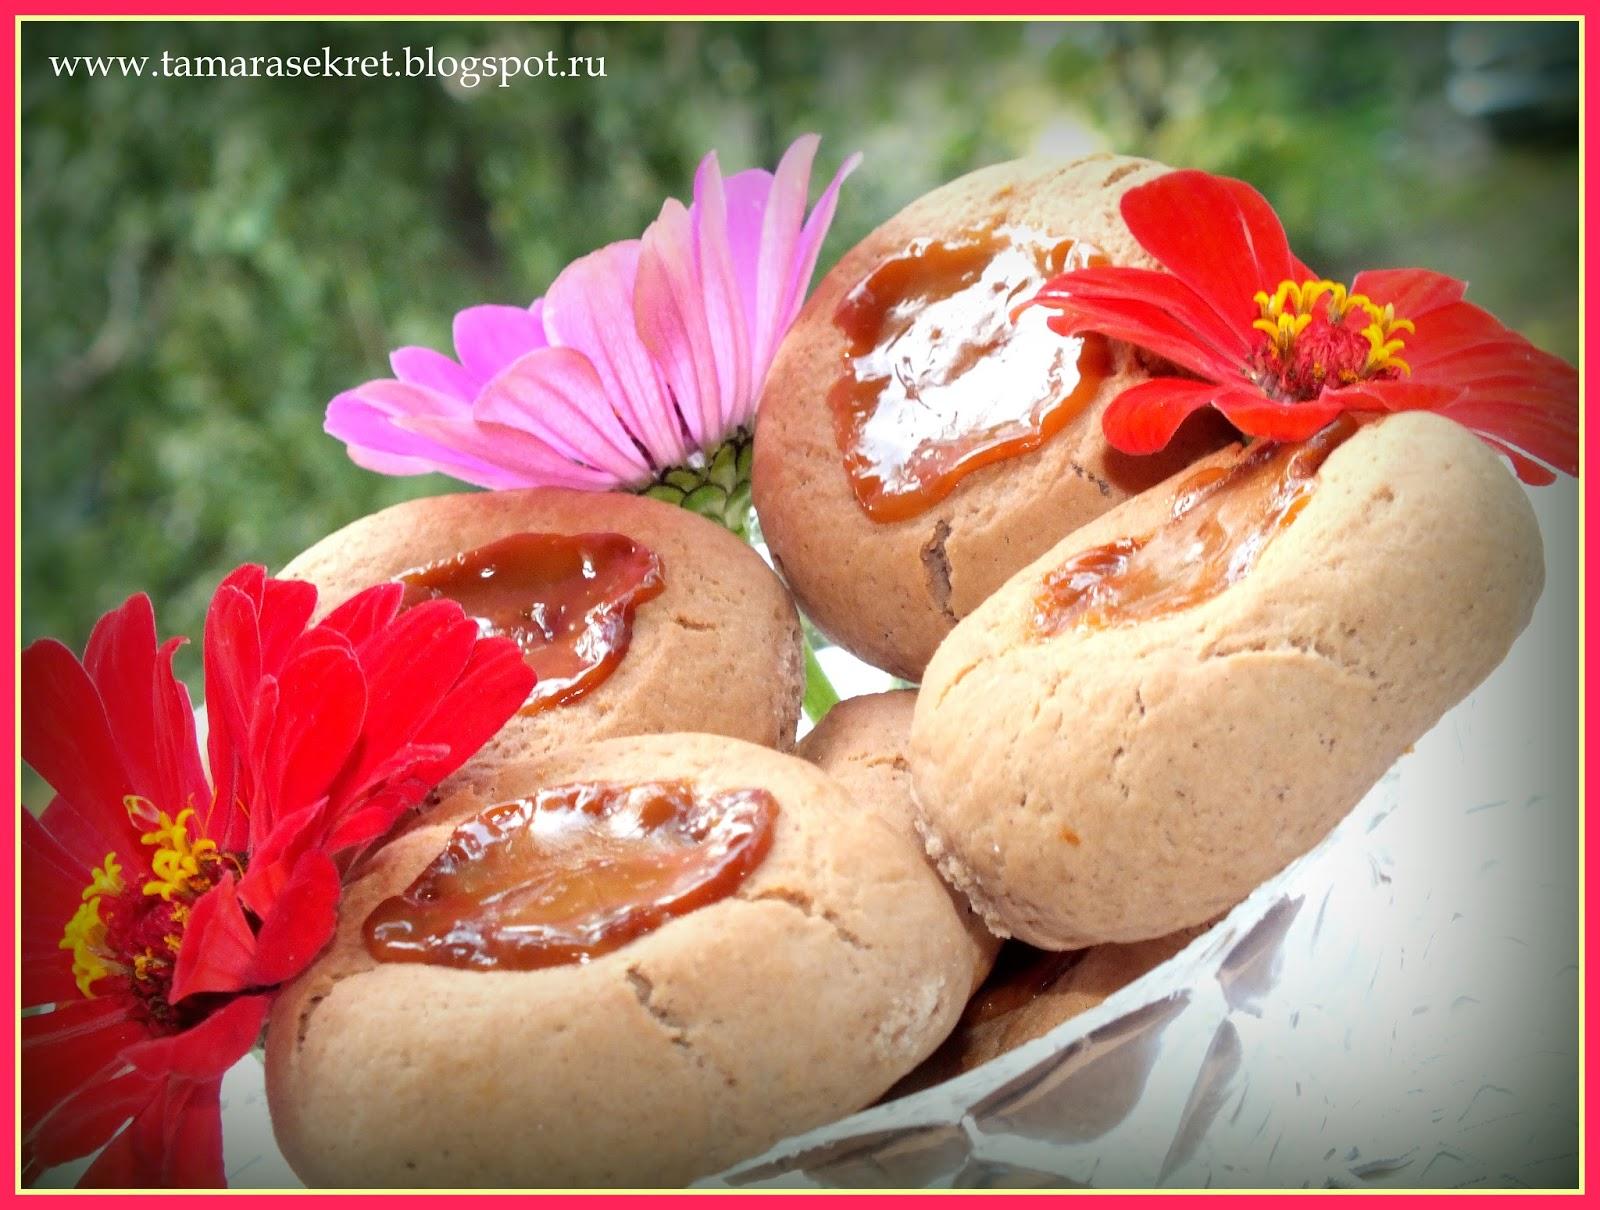 Домашние конфеты Коровка рецепт с фото, как сделать 4